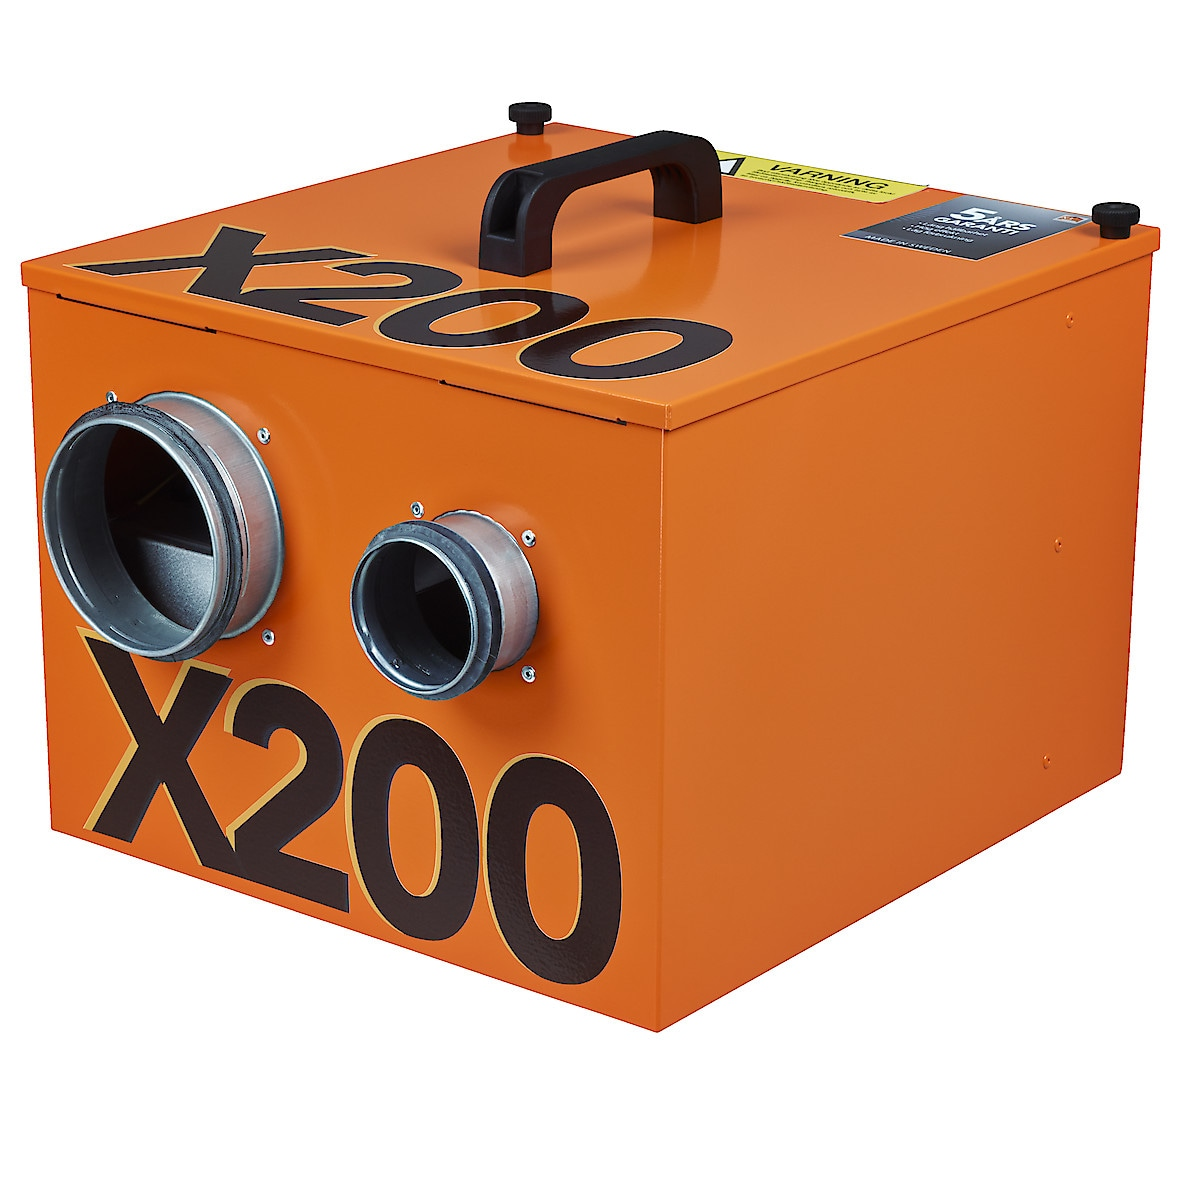 Ilmankuivain Drybox X200